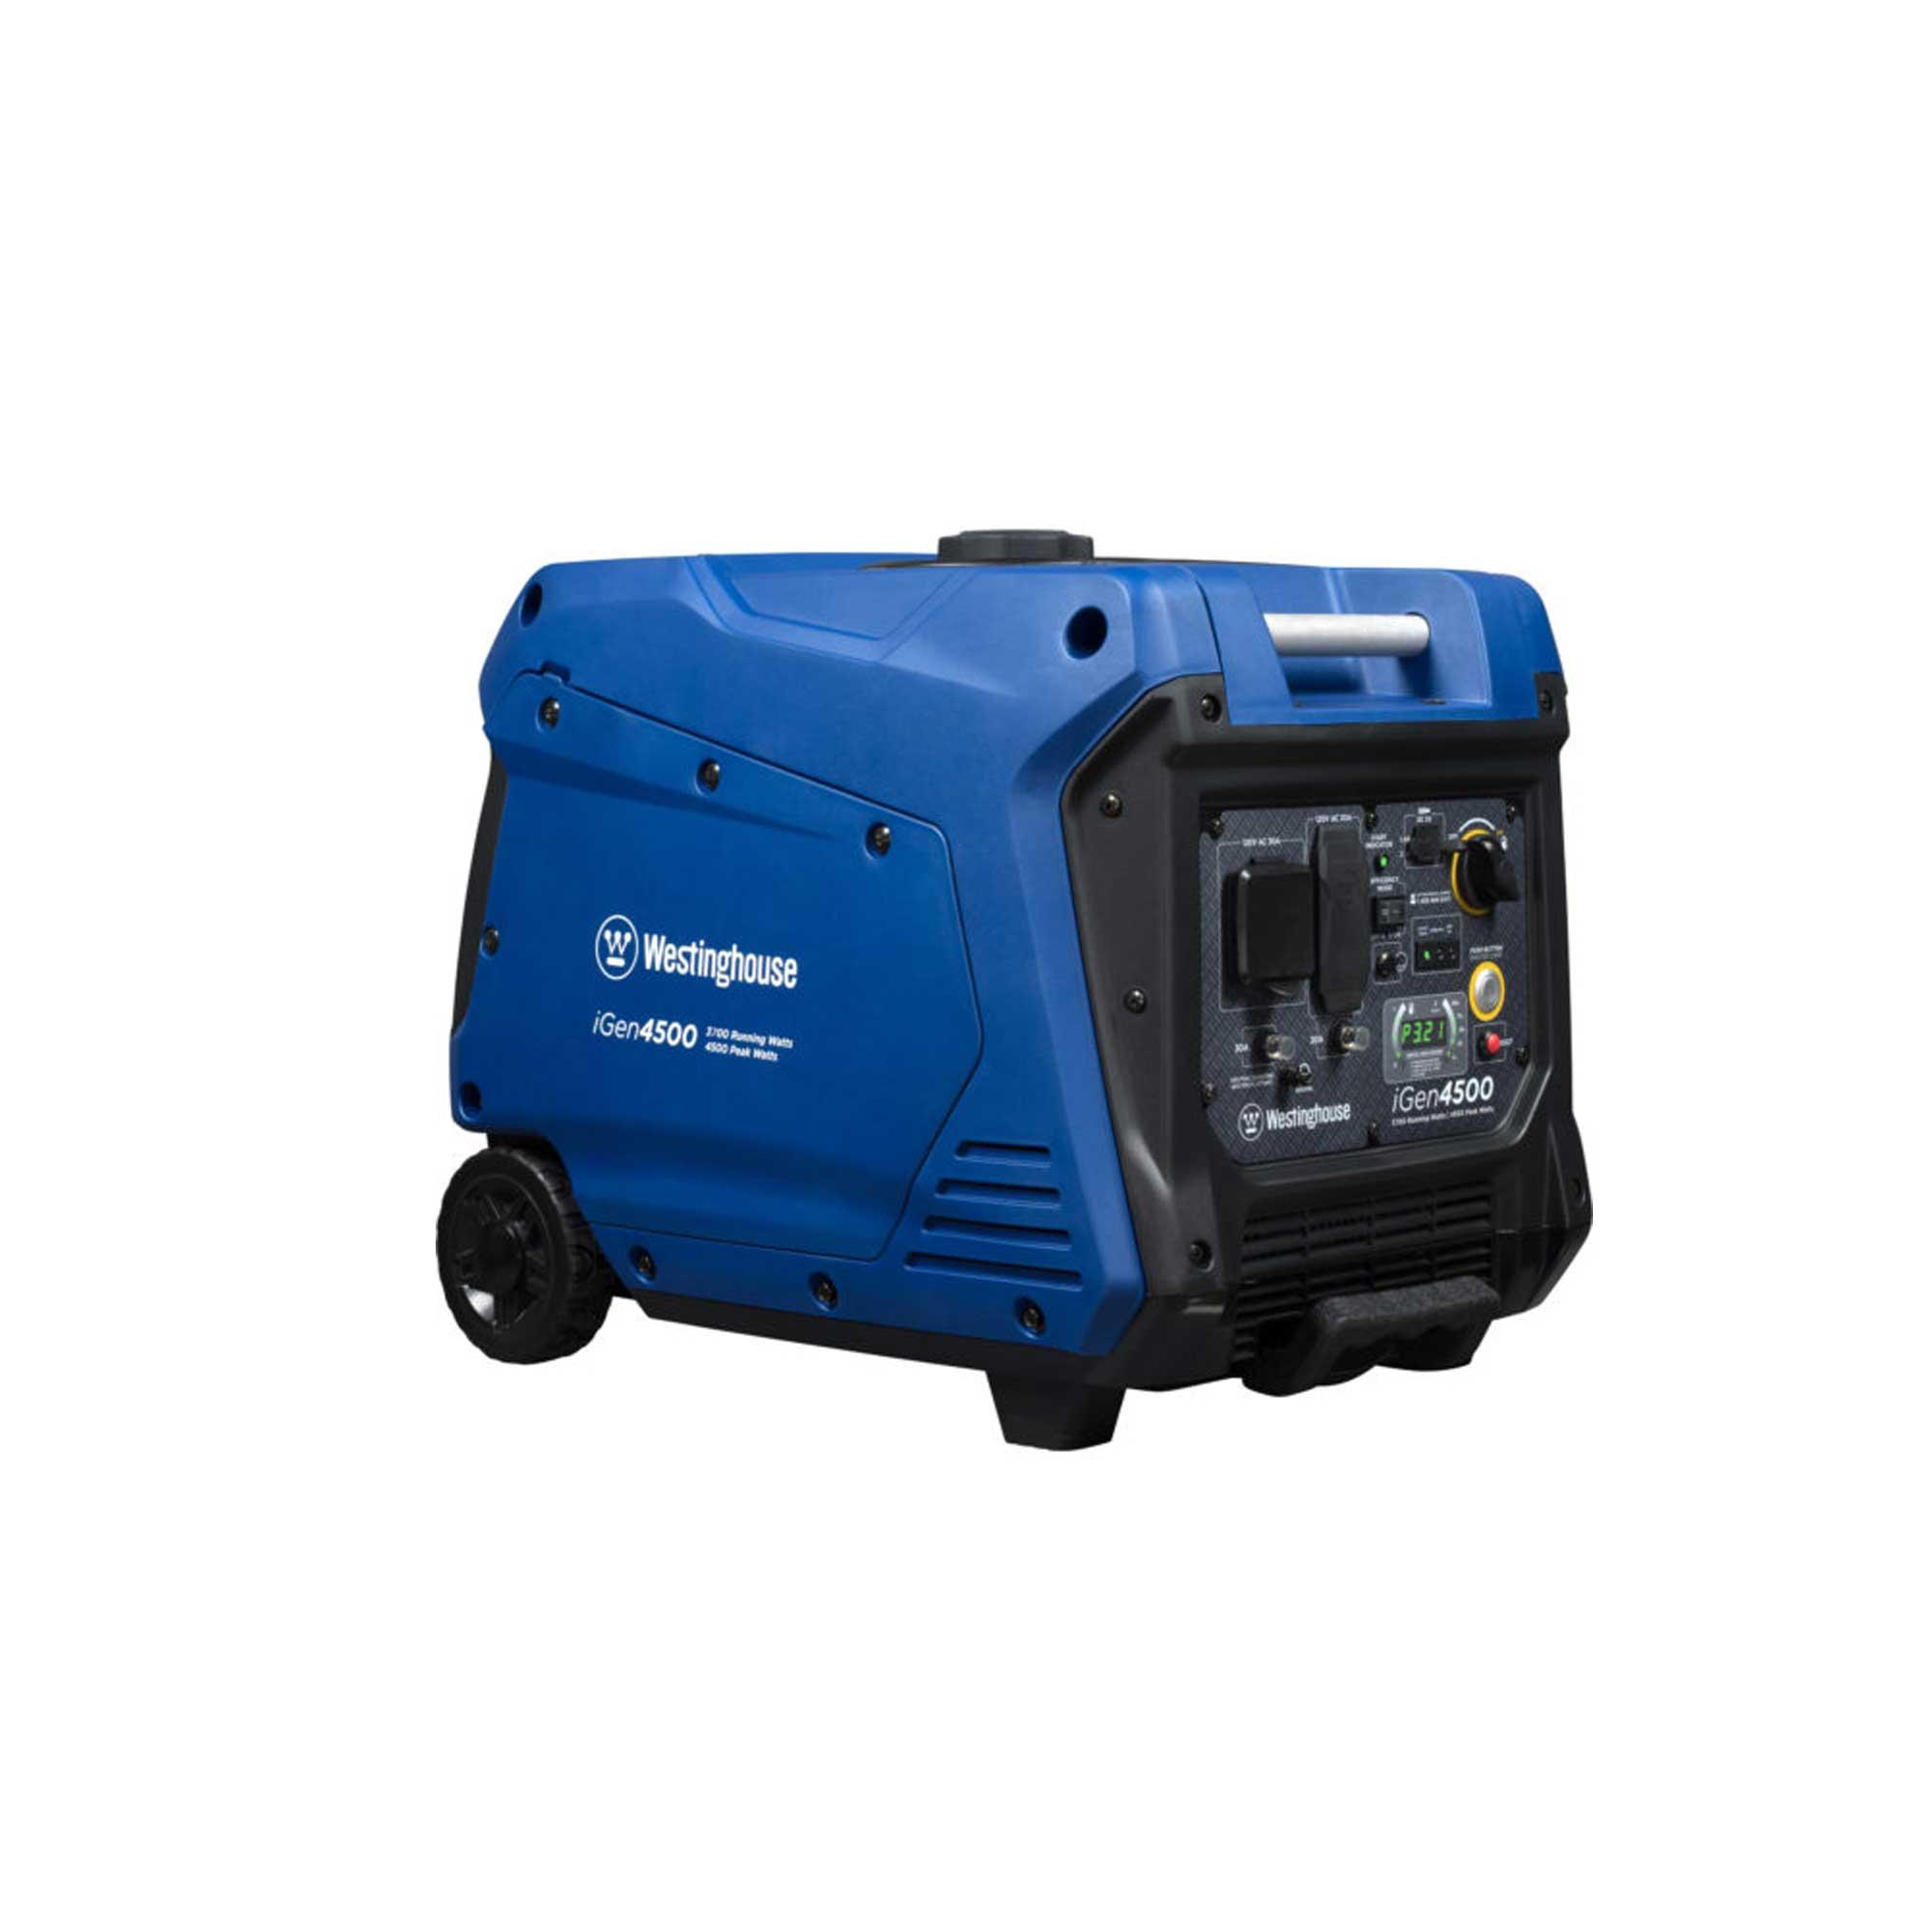 Westinghouse Generator 4500 Watt - Super Quiet Digital Inverter - iGen4500